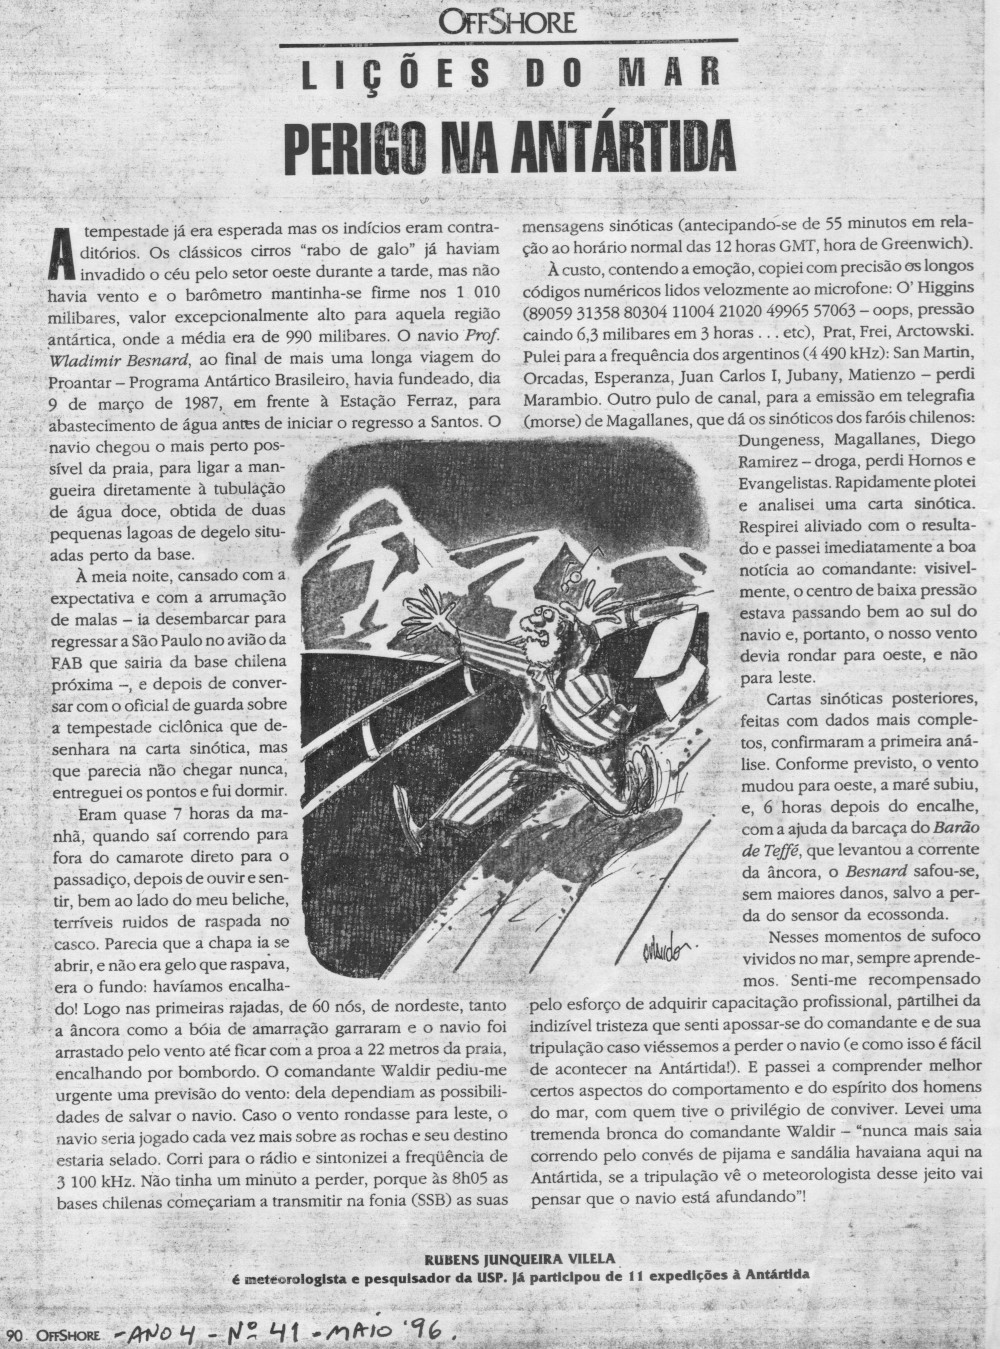 """Artigo """"Perigo na Antártida"""" na revista """"Offshore"""" (clique na imagem para ampliar)"""